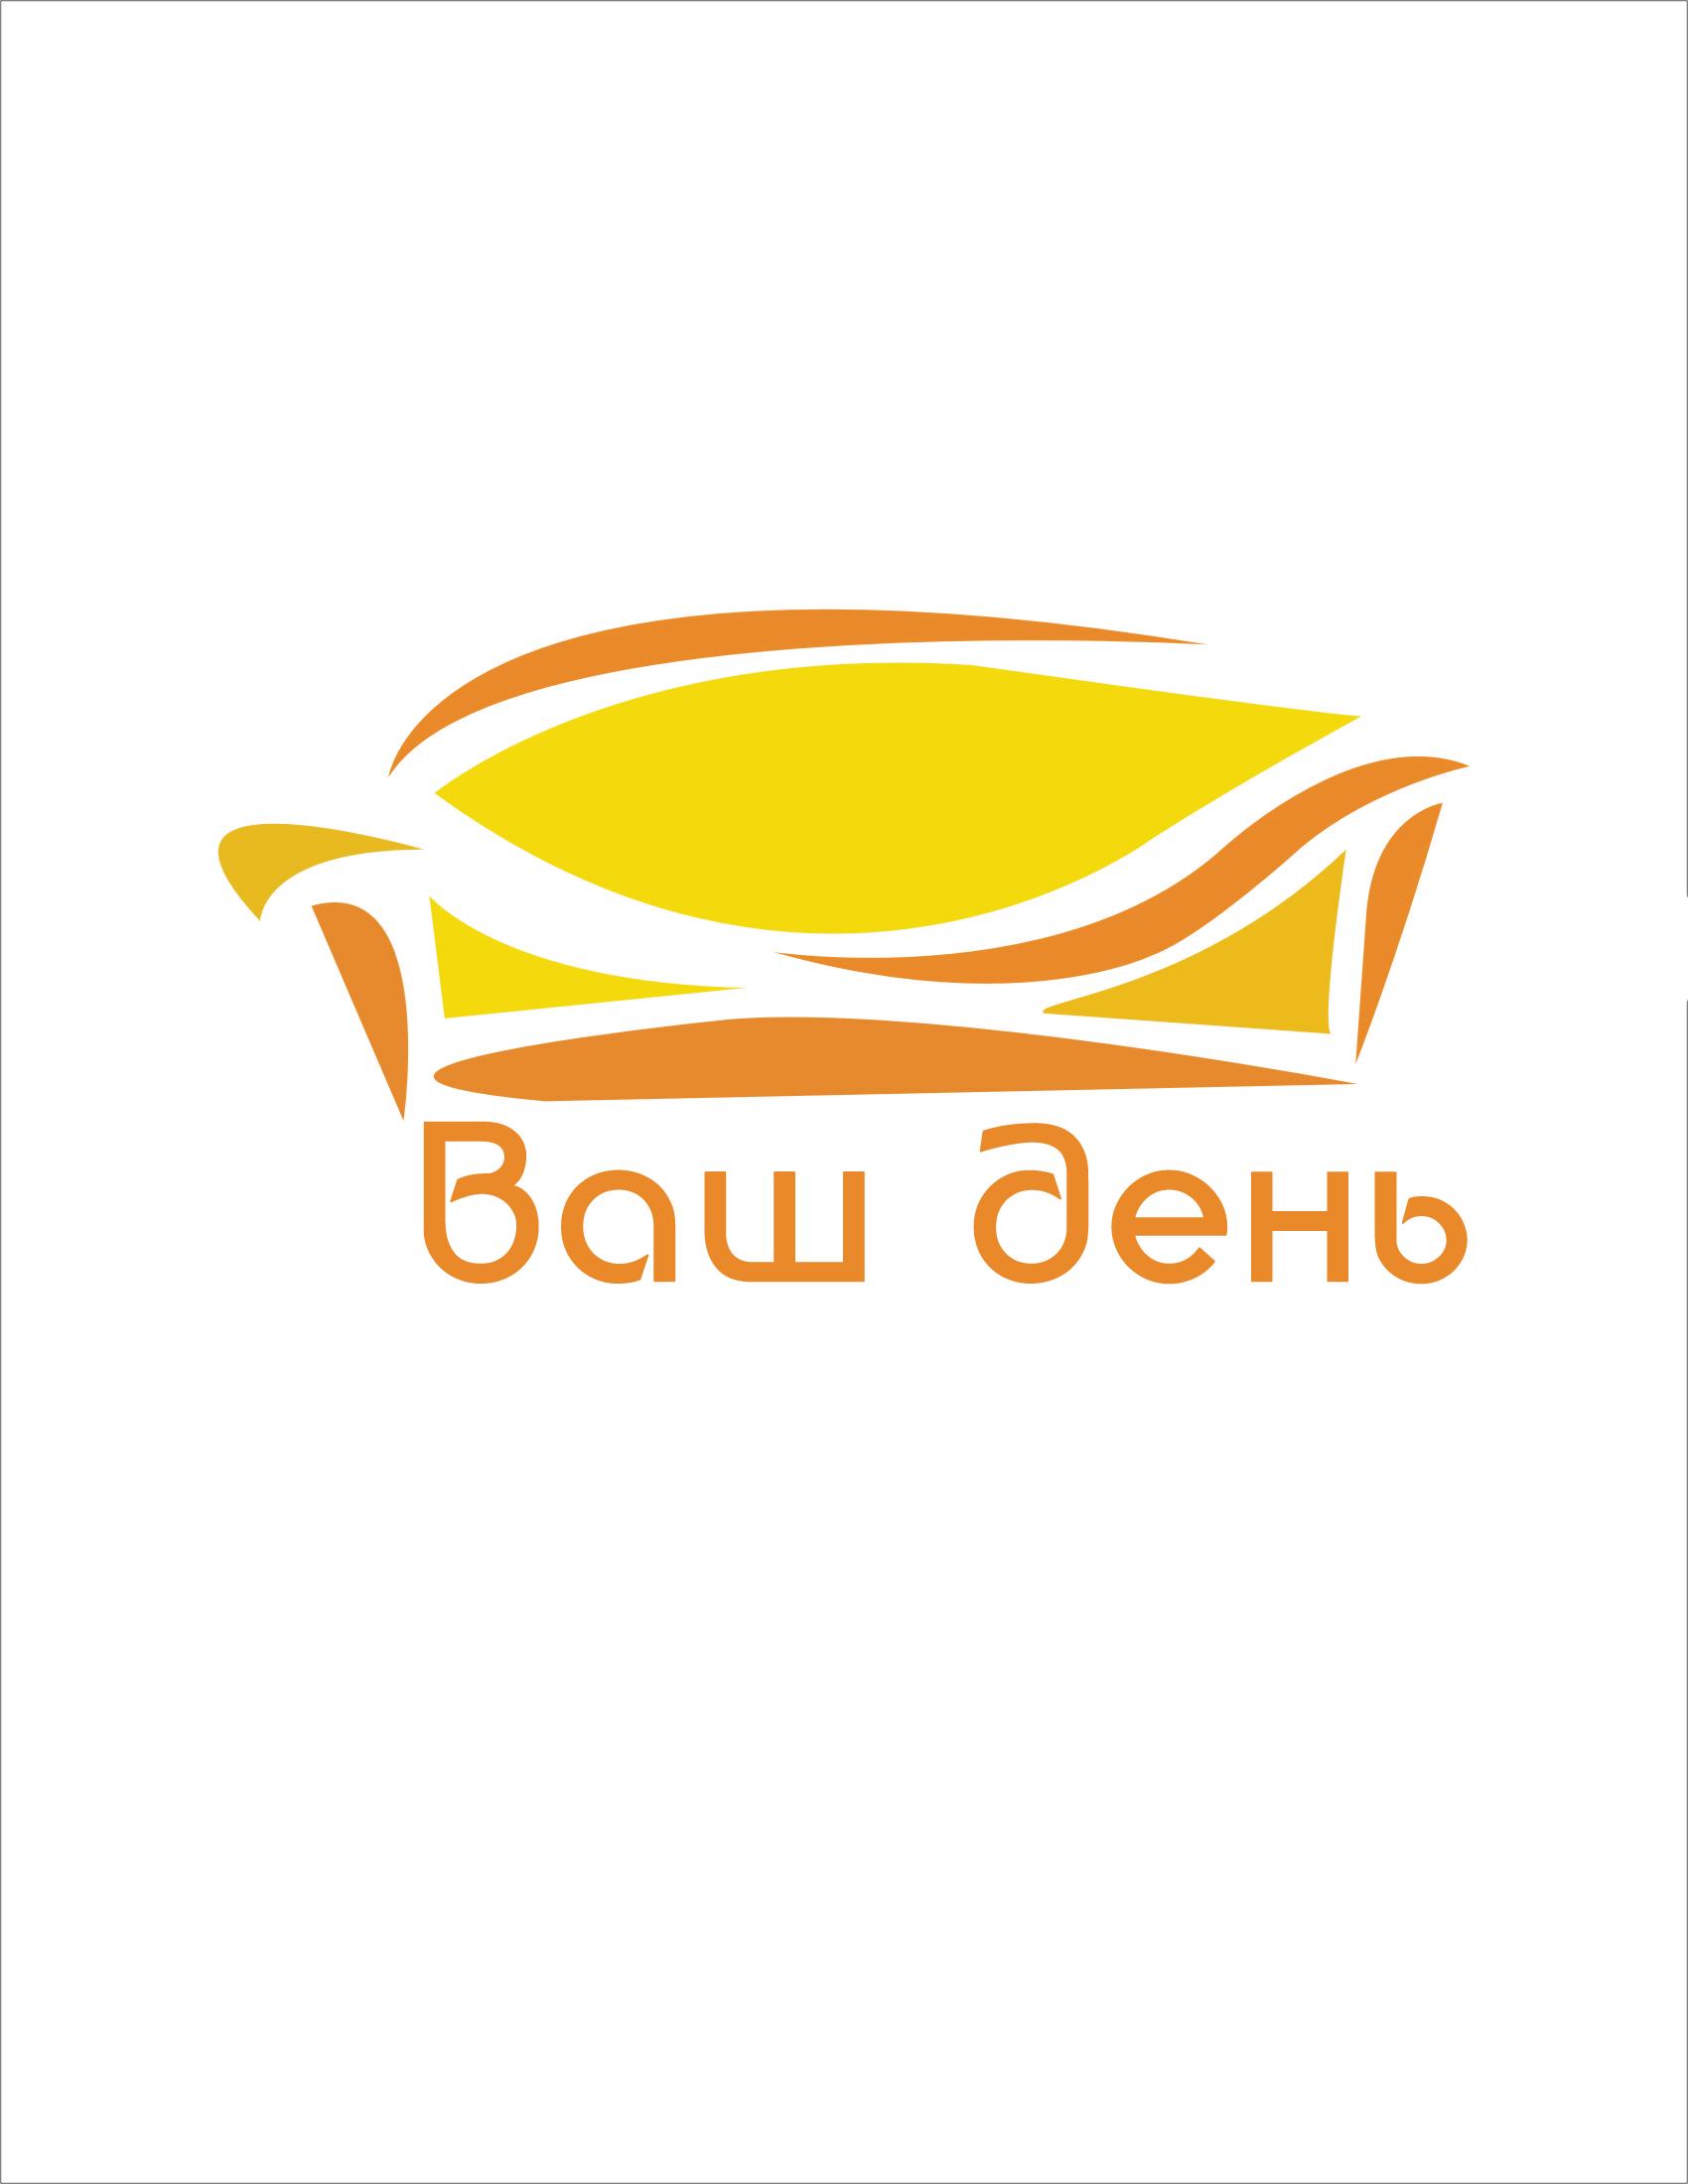 Разработать дизайн для интернет-магазина мебели фото f_22052e0154c1a583.png